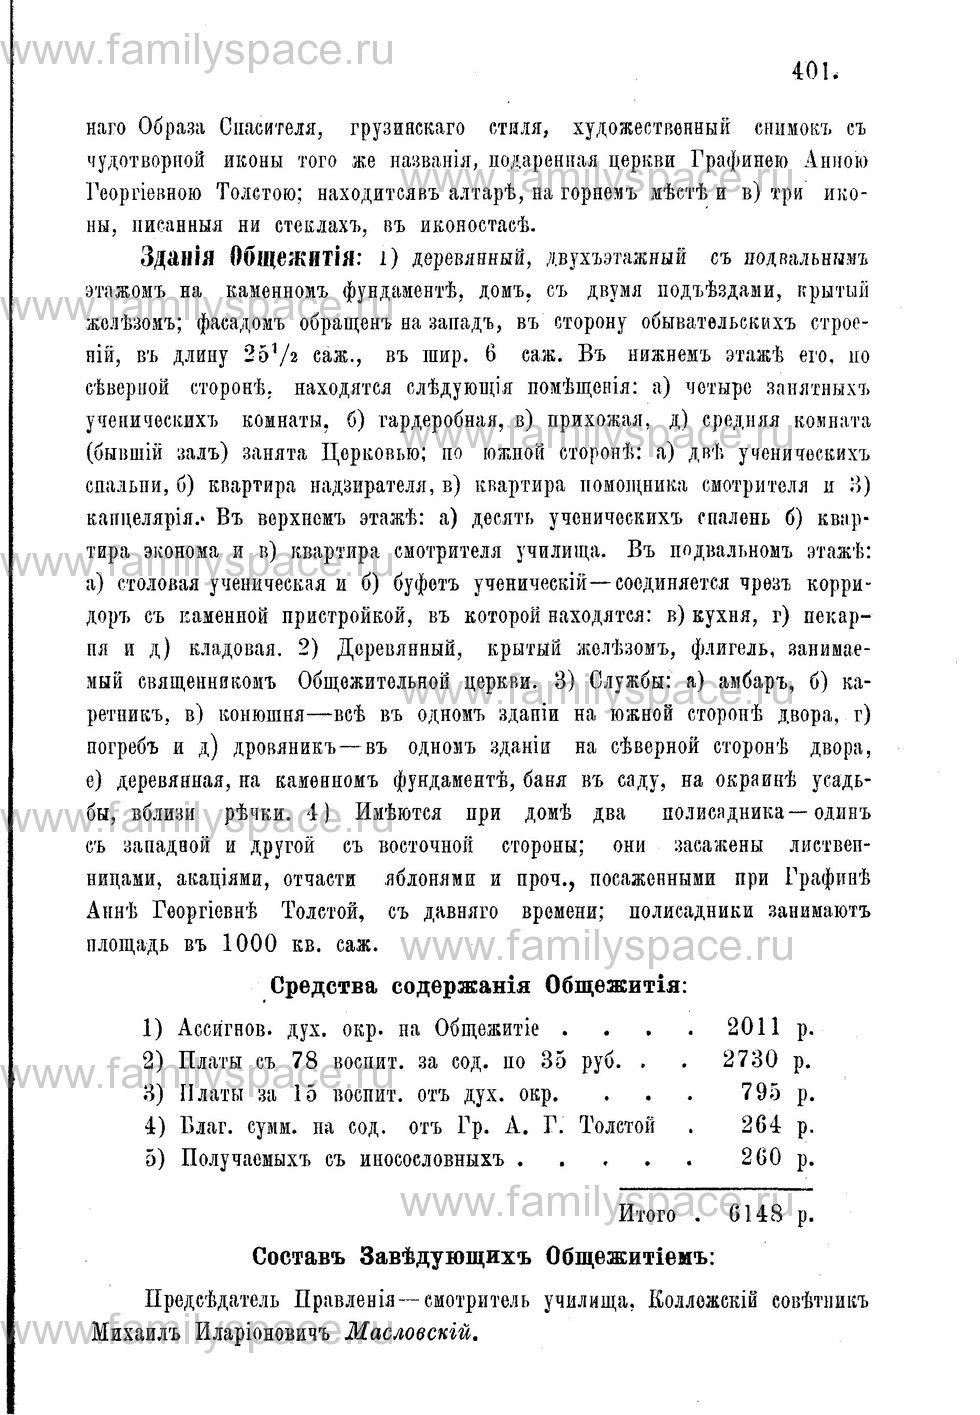 Поиск по фамилии - Адрес-календарь Нижегородской епархии на 1888 год, страница 1401